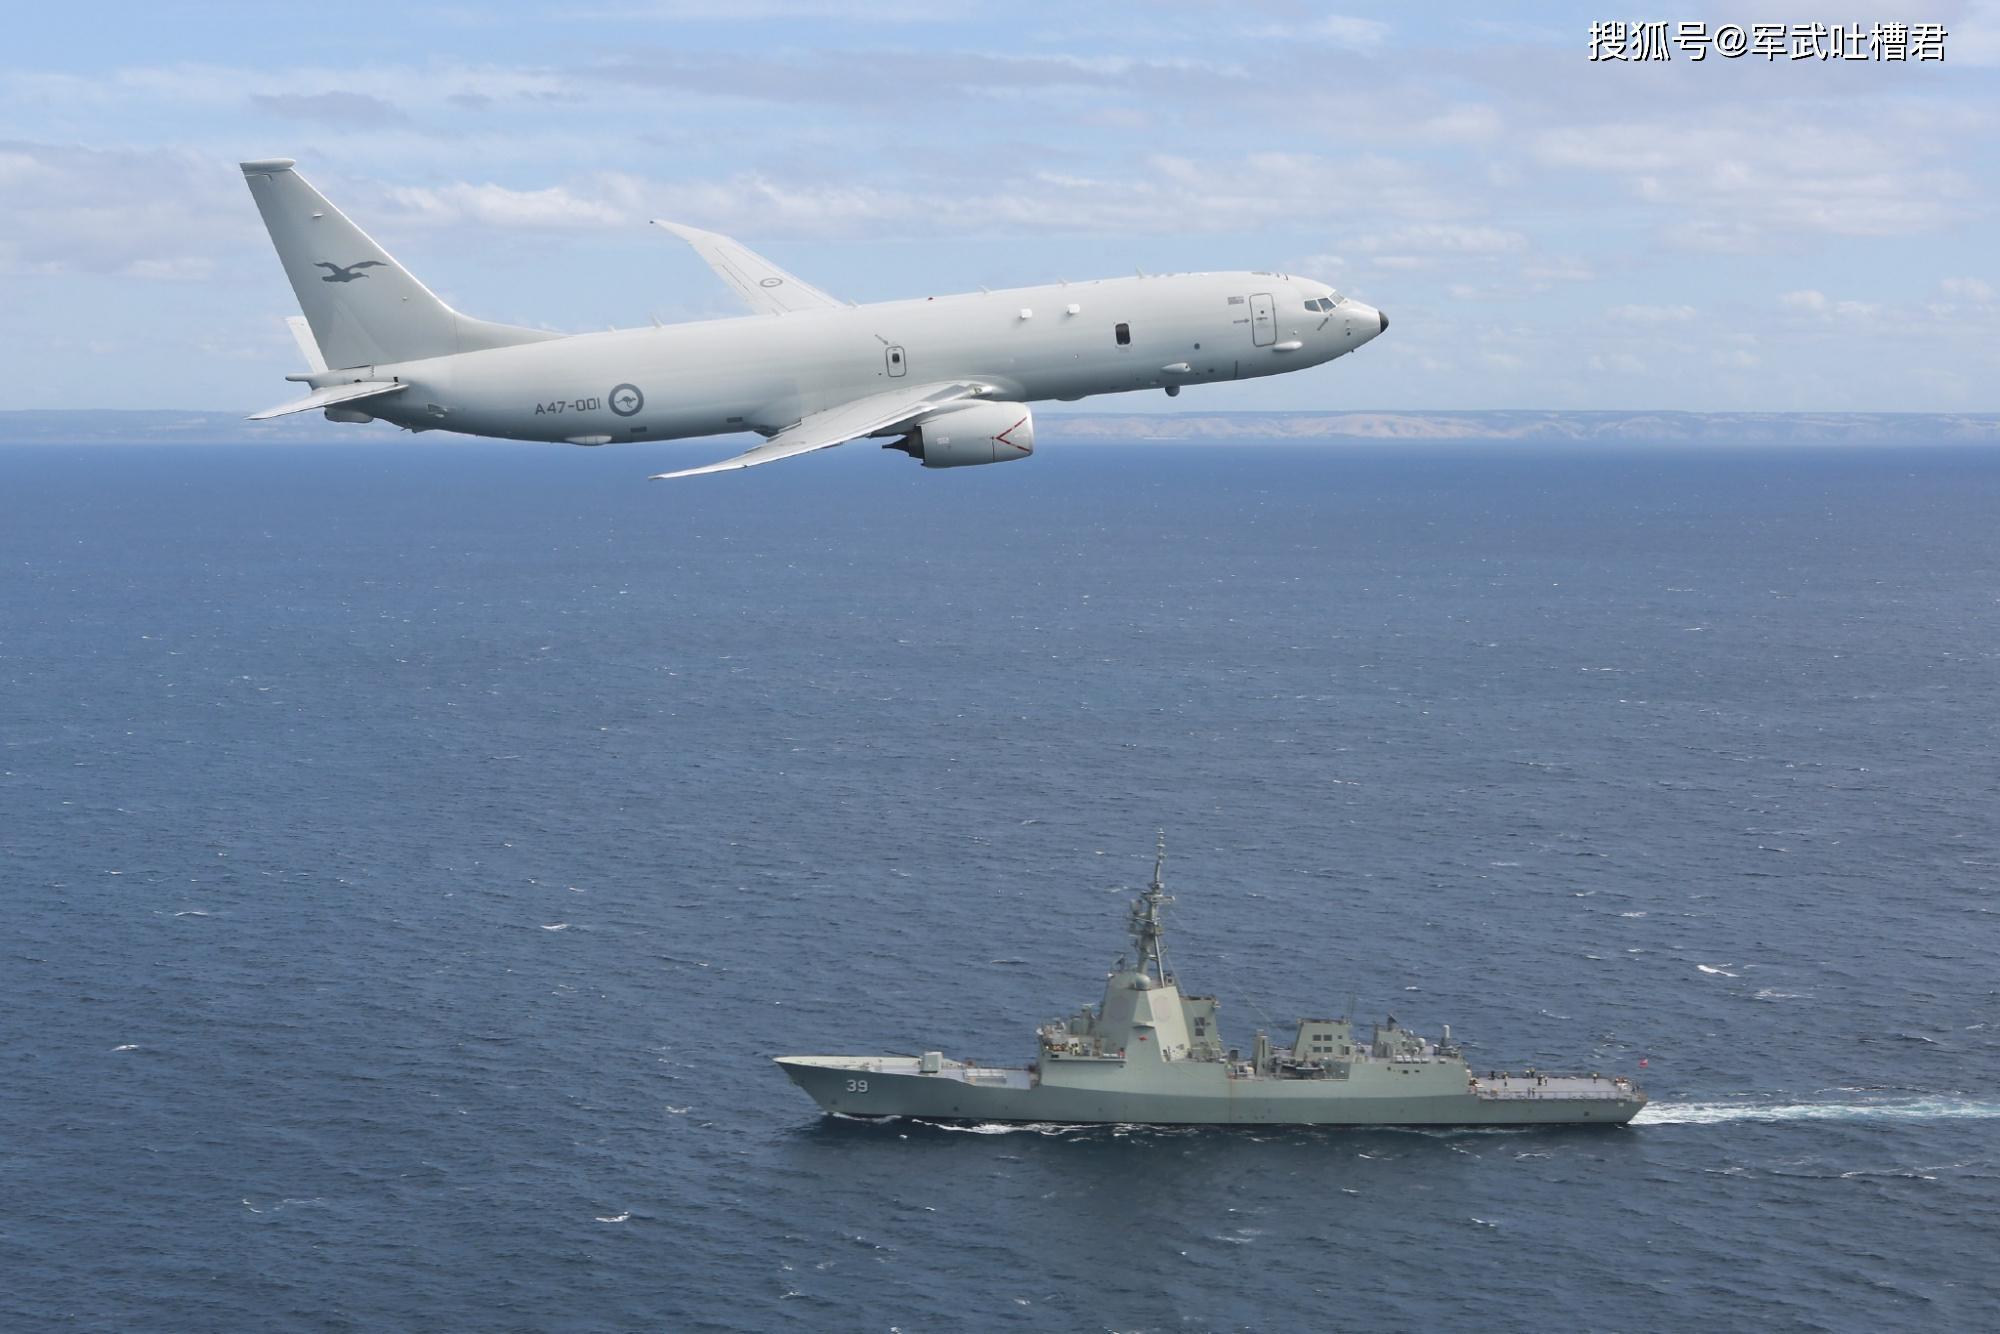 俄罗斯彻底心寒了,意大利军舰刚去黑海,P8A反潜机又来挑衅了